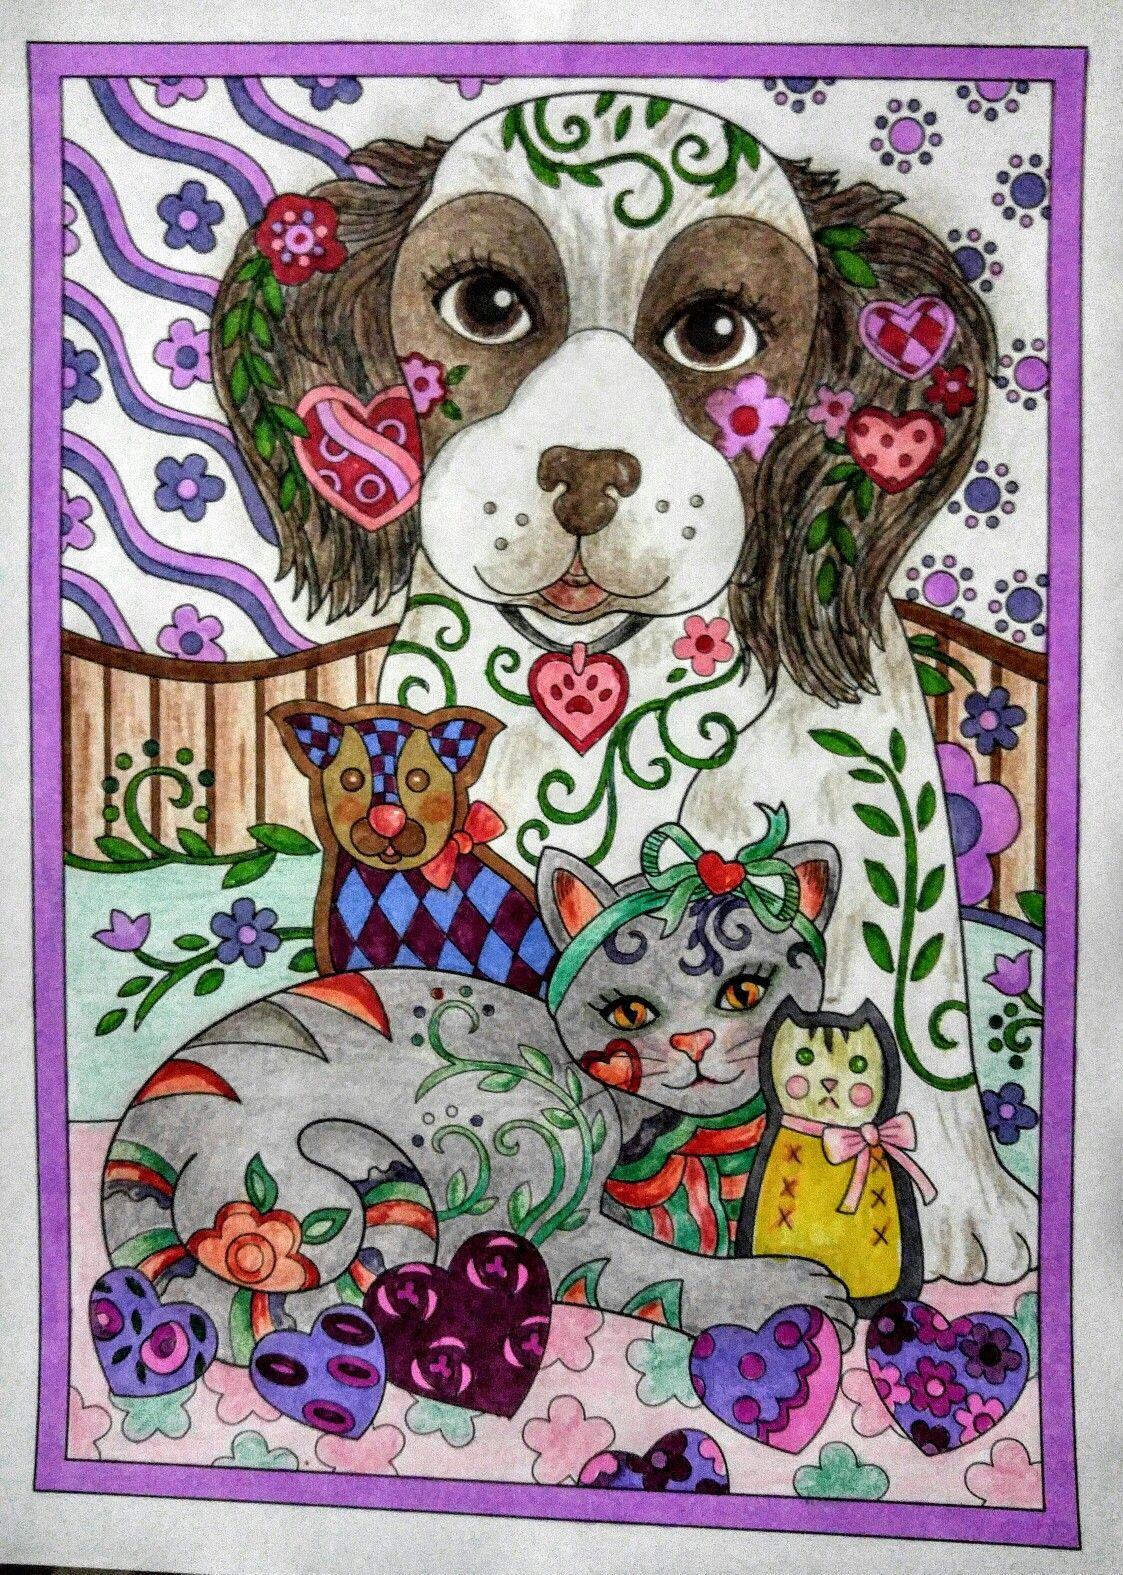 Pin de Zee CeeCee en Marjorie Sarnat Coloring Pages | Pinterest ...